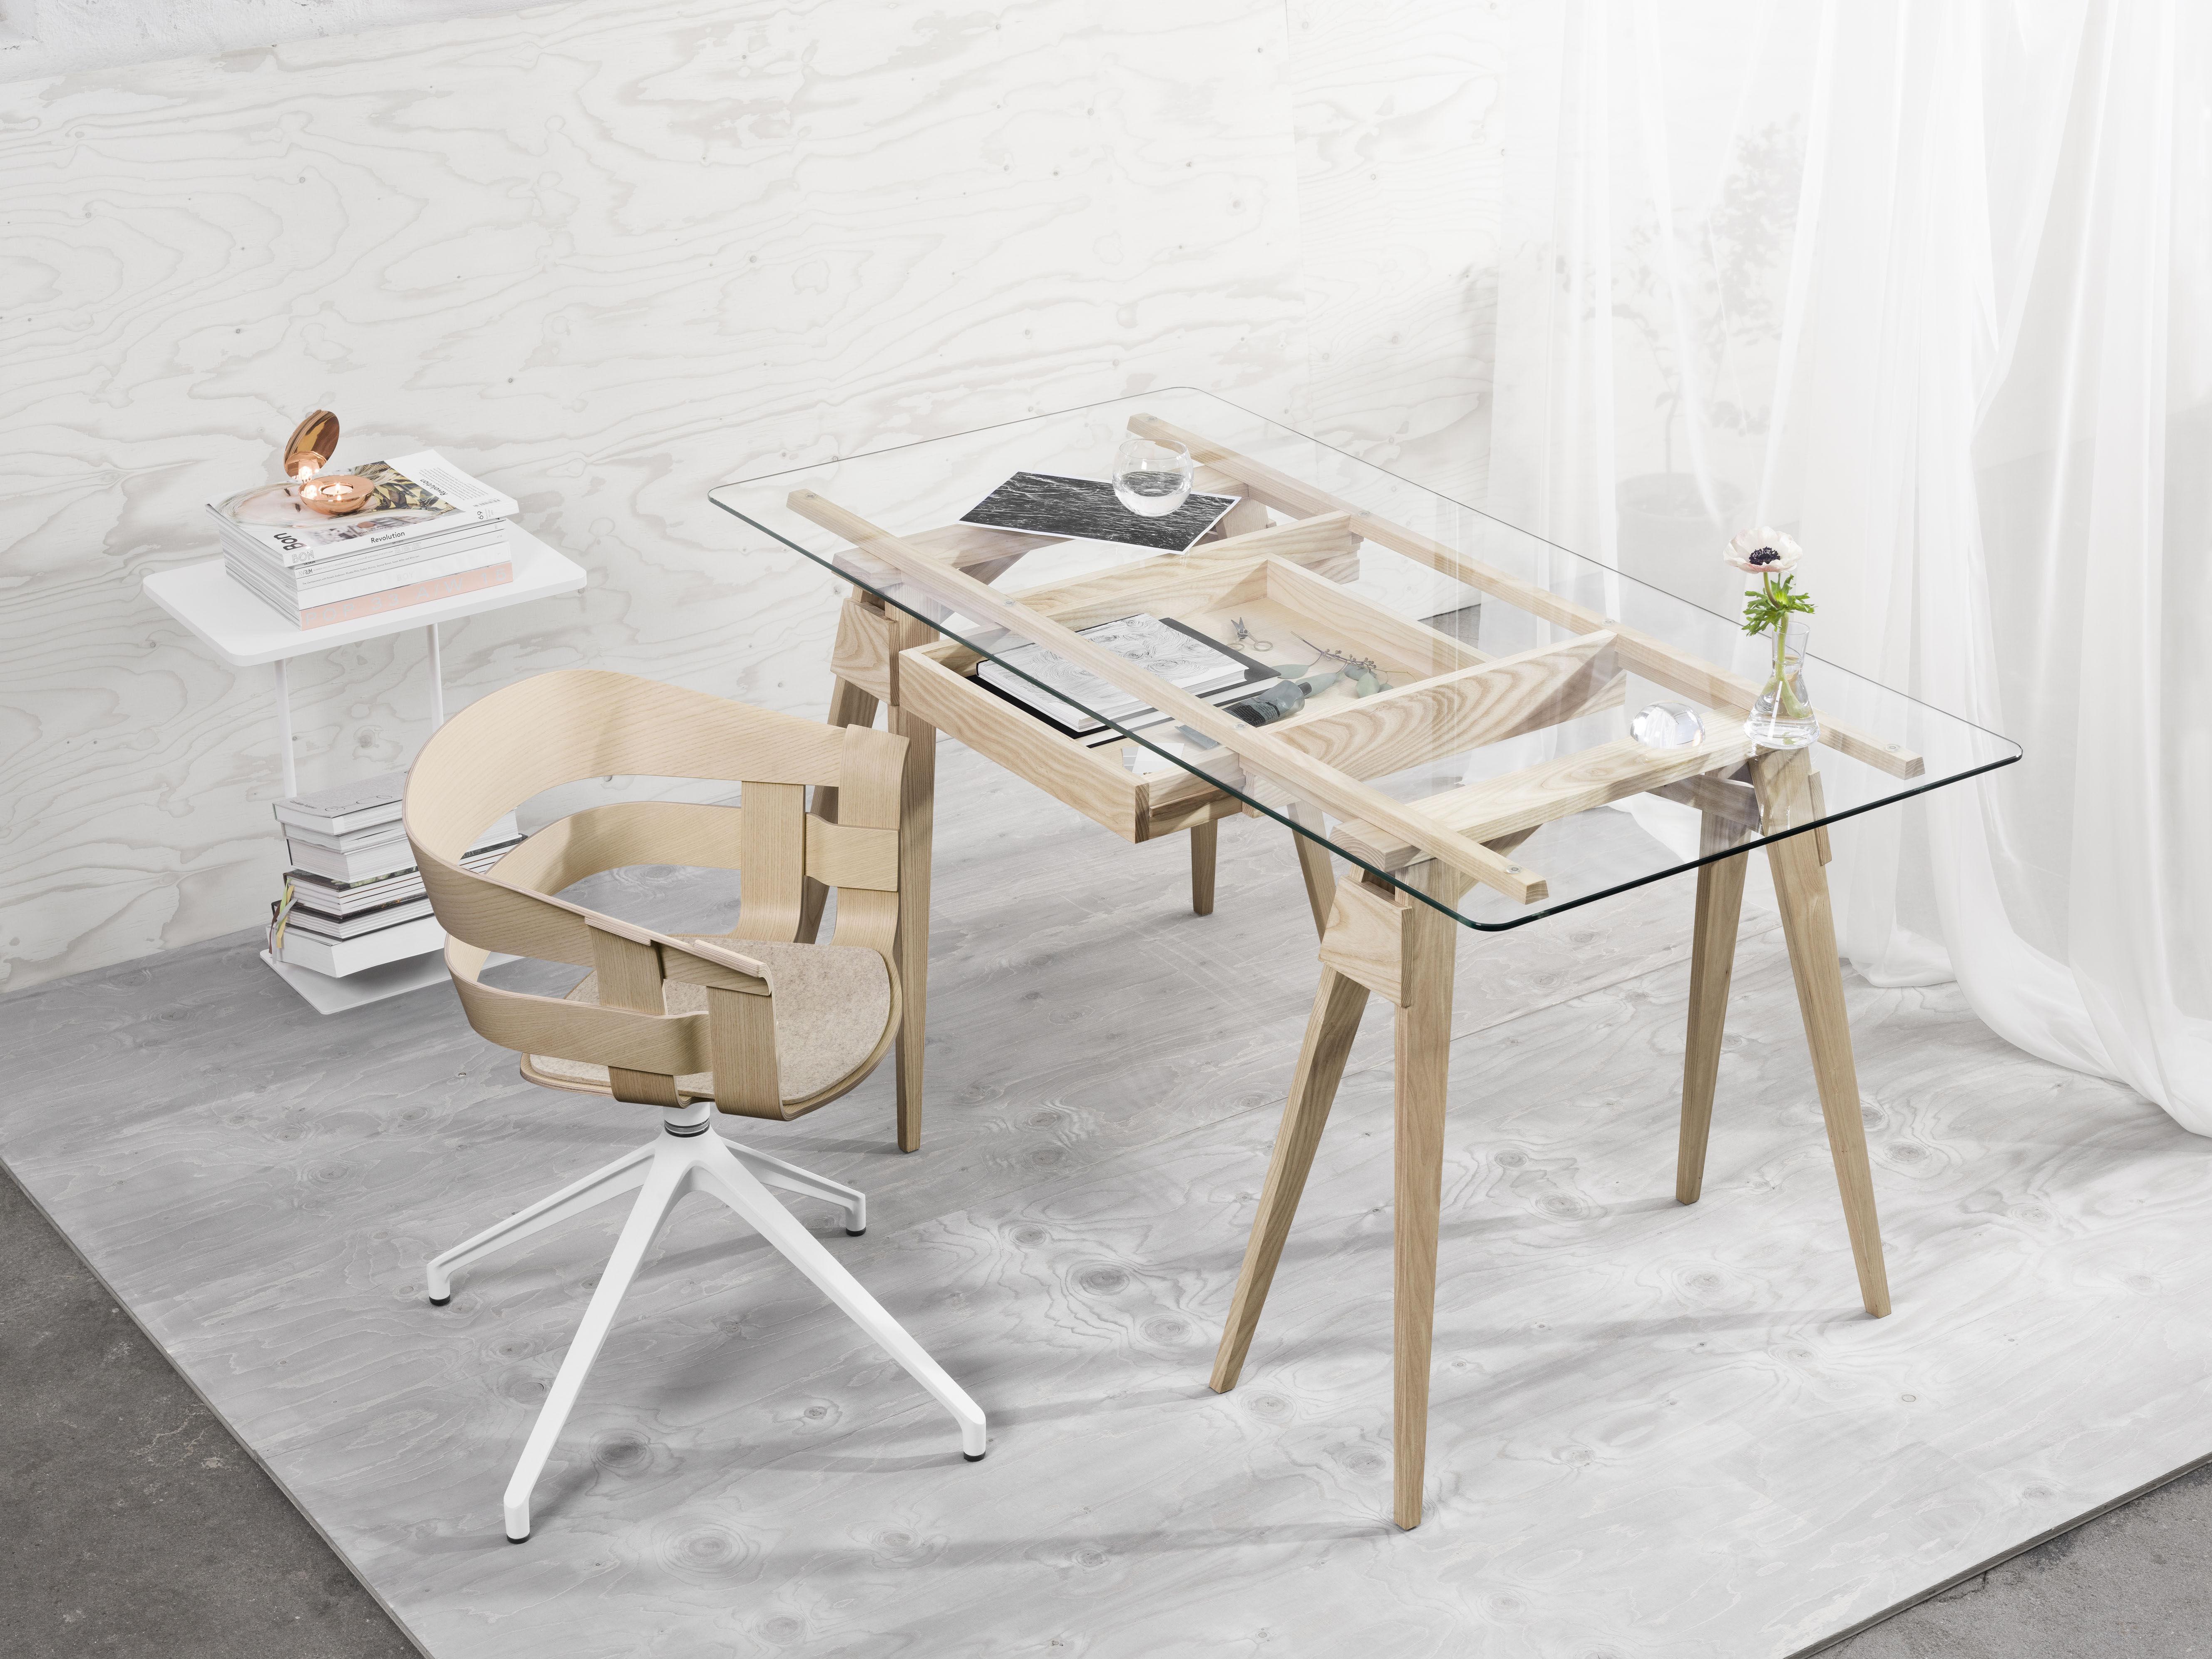 f r armlehnstuhl wick filz design house stockholm. Black Bedroom Furniture Sets. Home Design Ideas